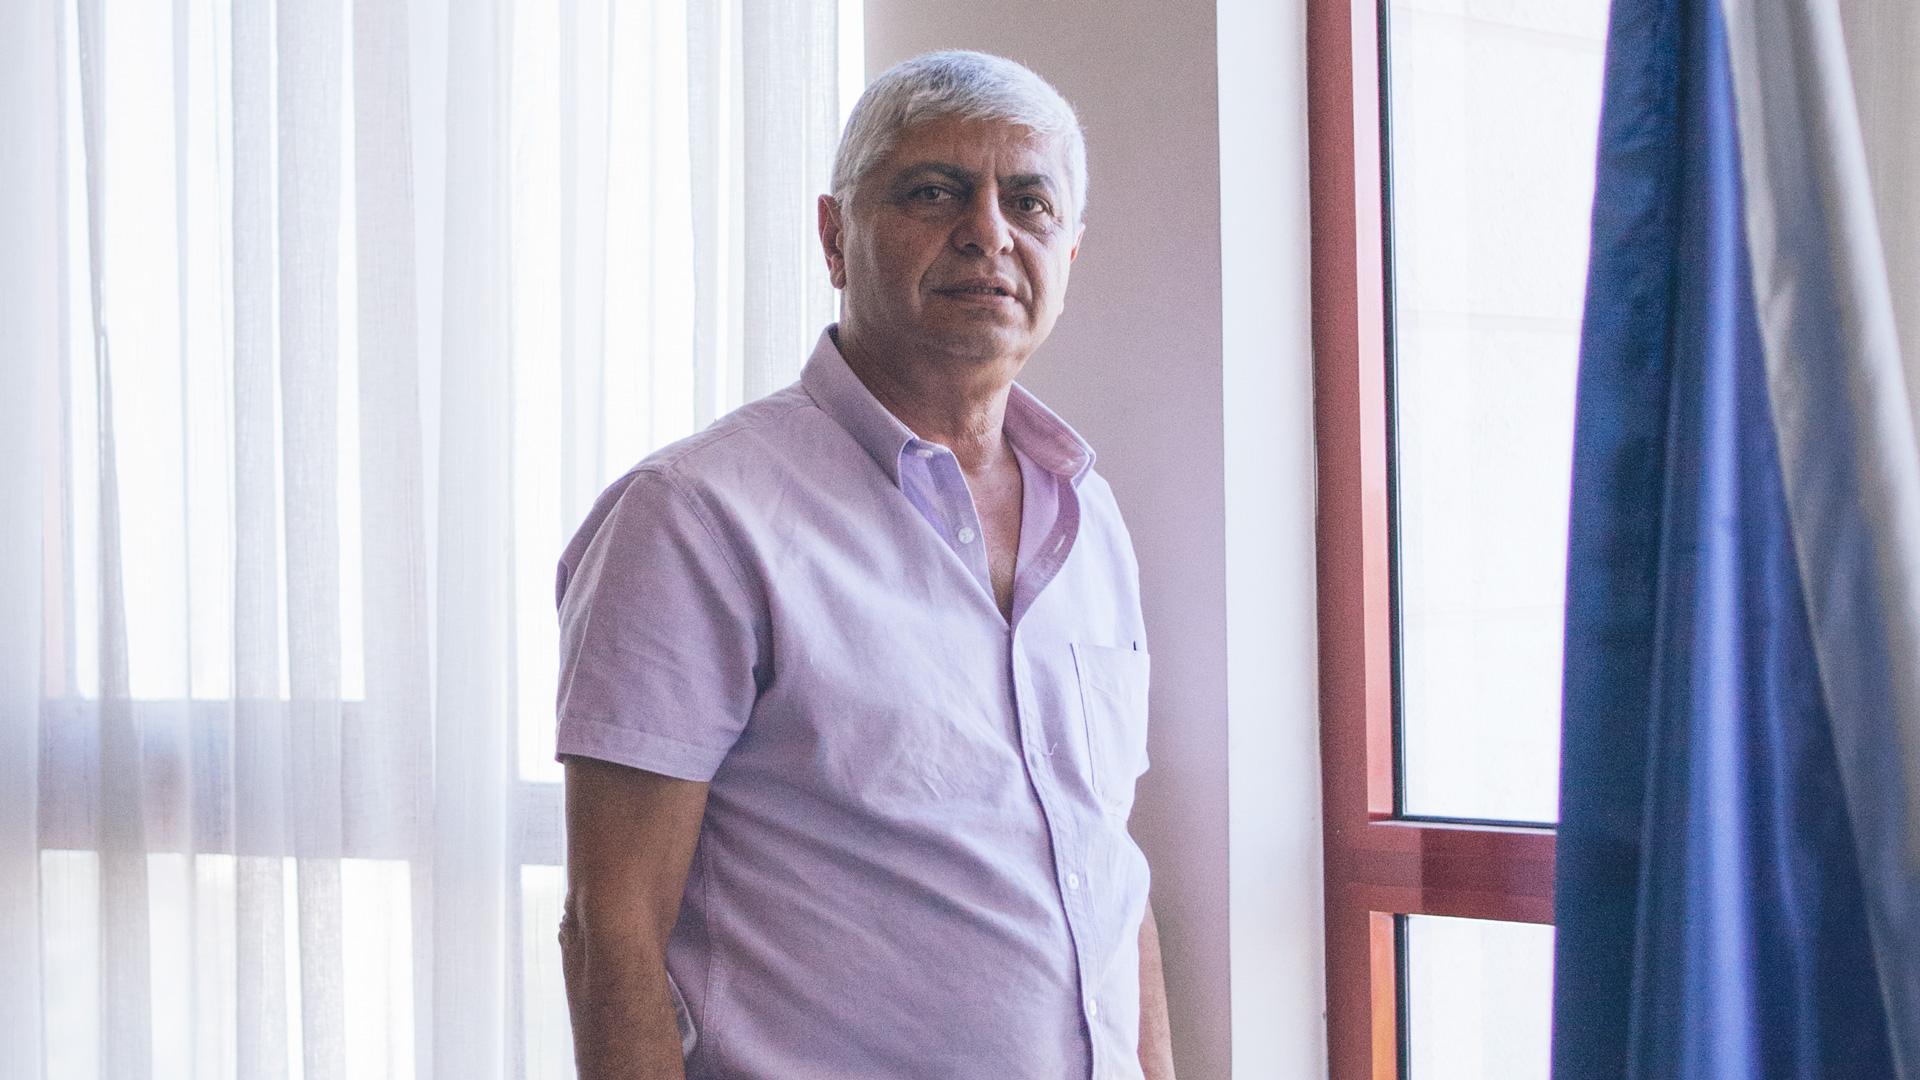 Benny Kashriel